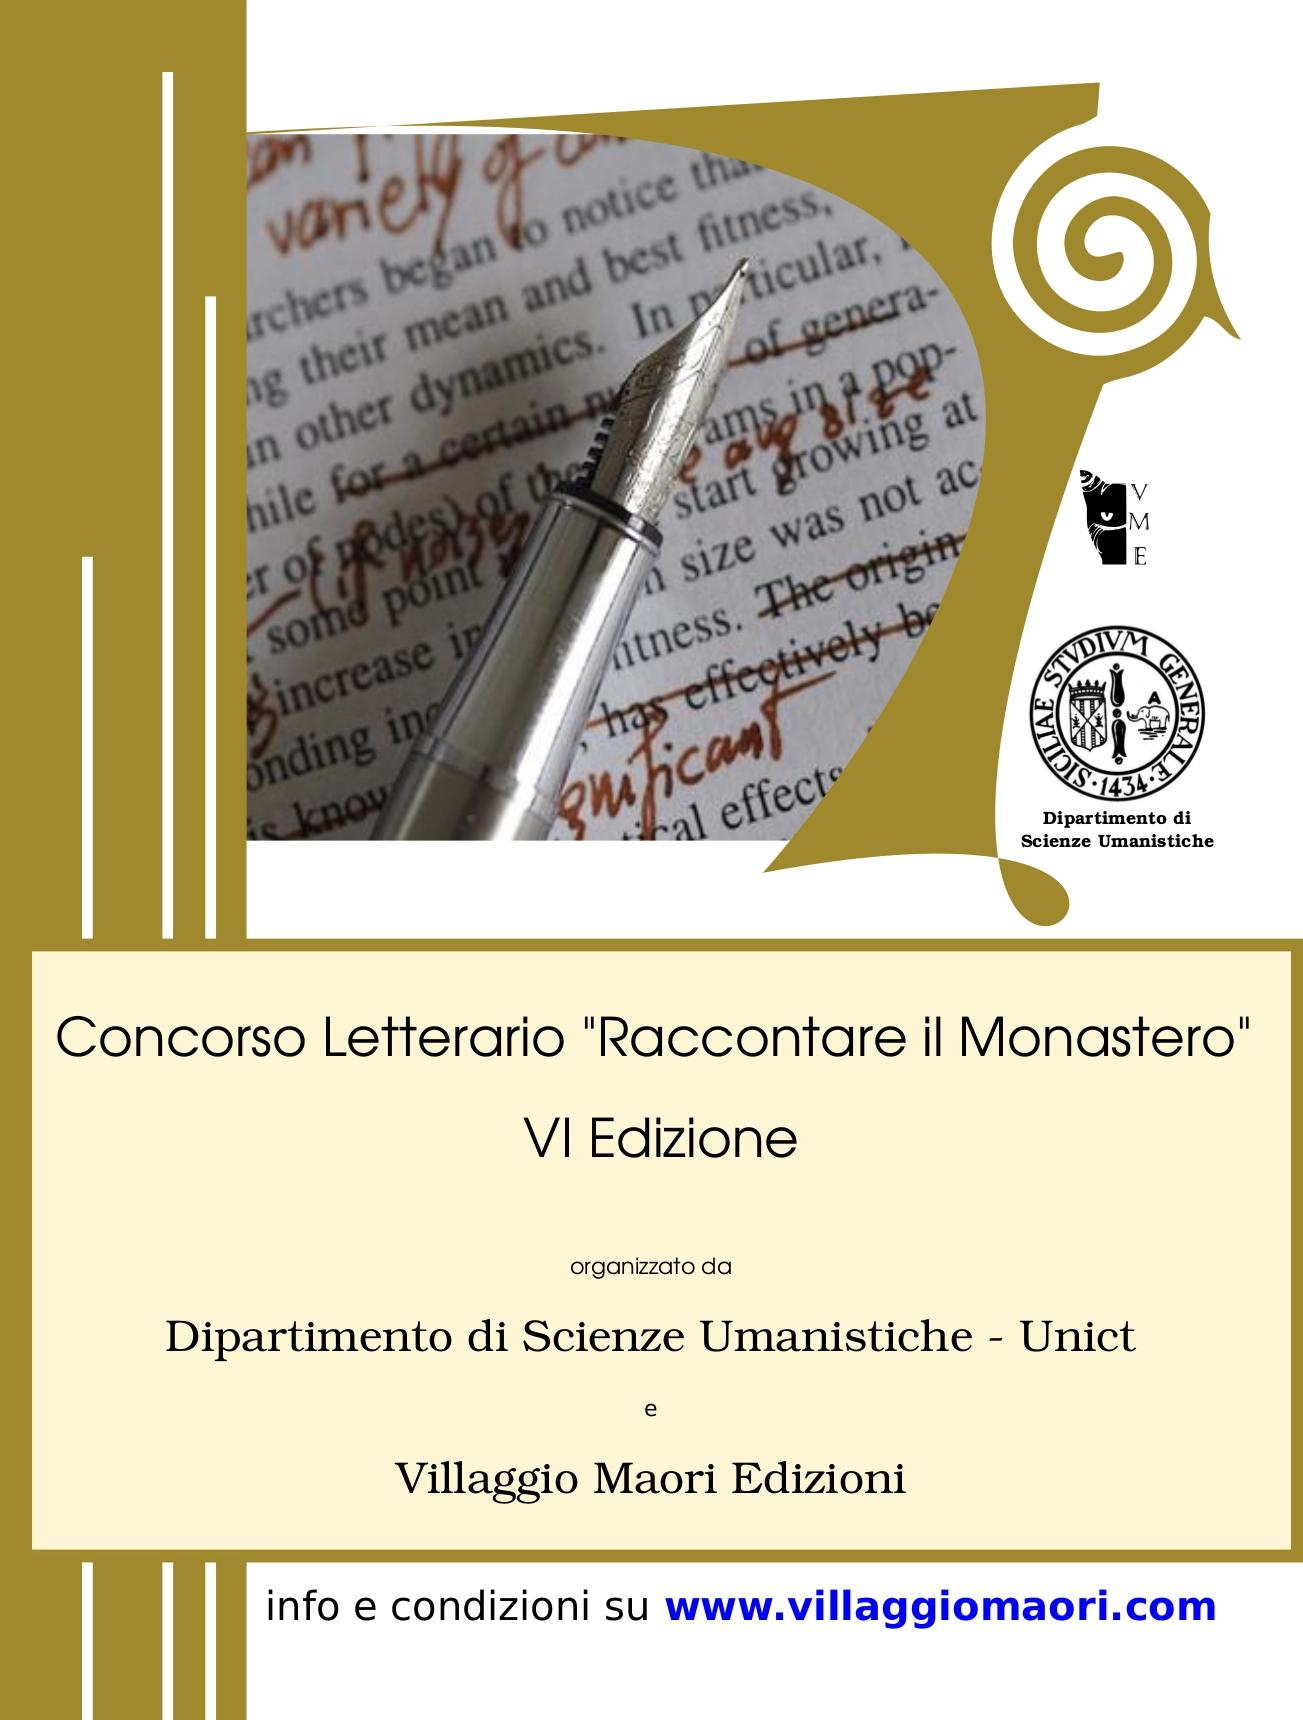 Raccontare il Monastero 2013